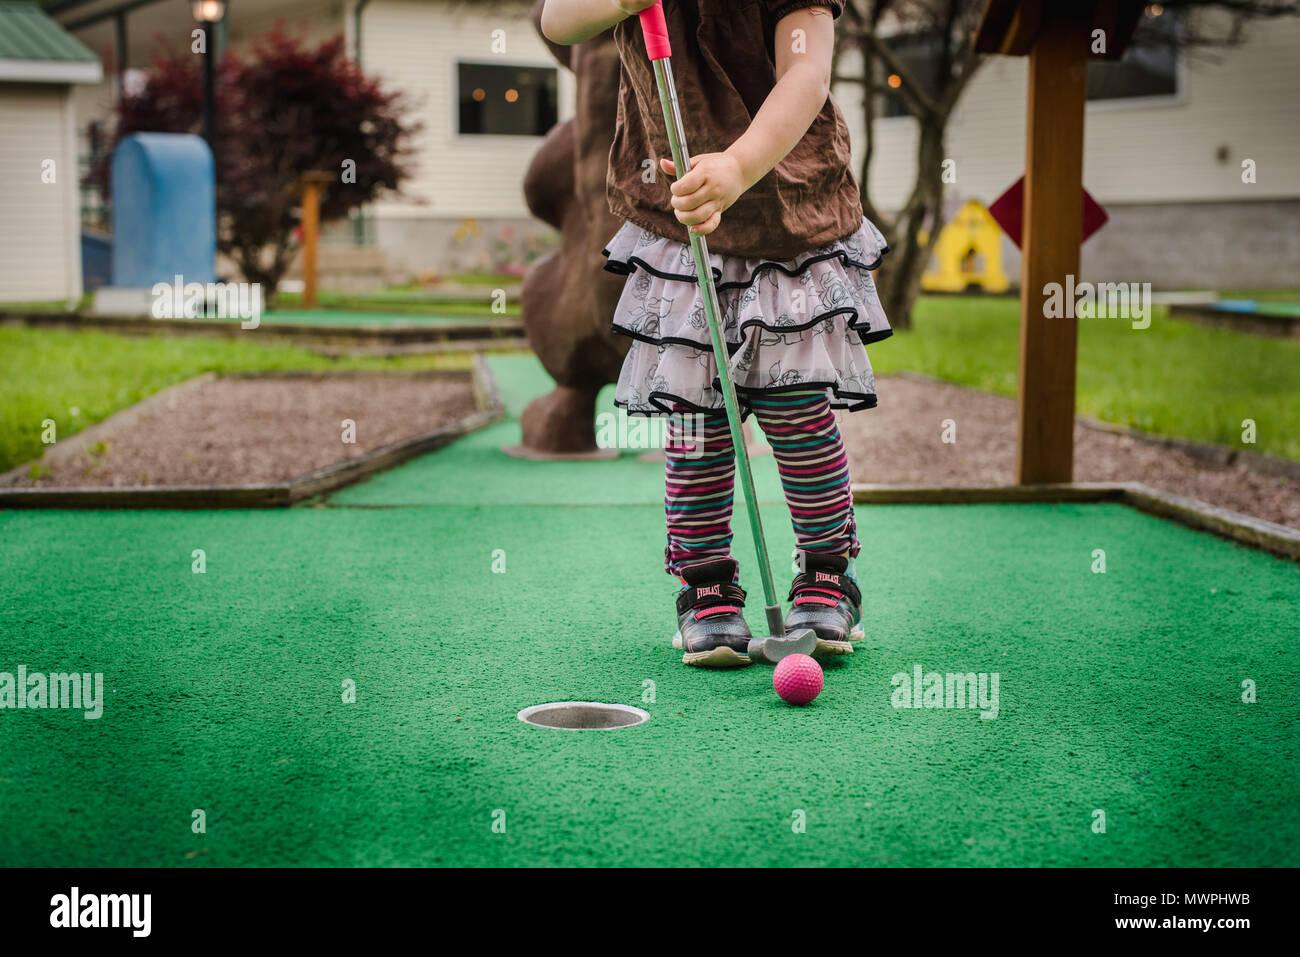 Un préscolaire fille joue au golf miniature. Photo Stock